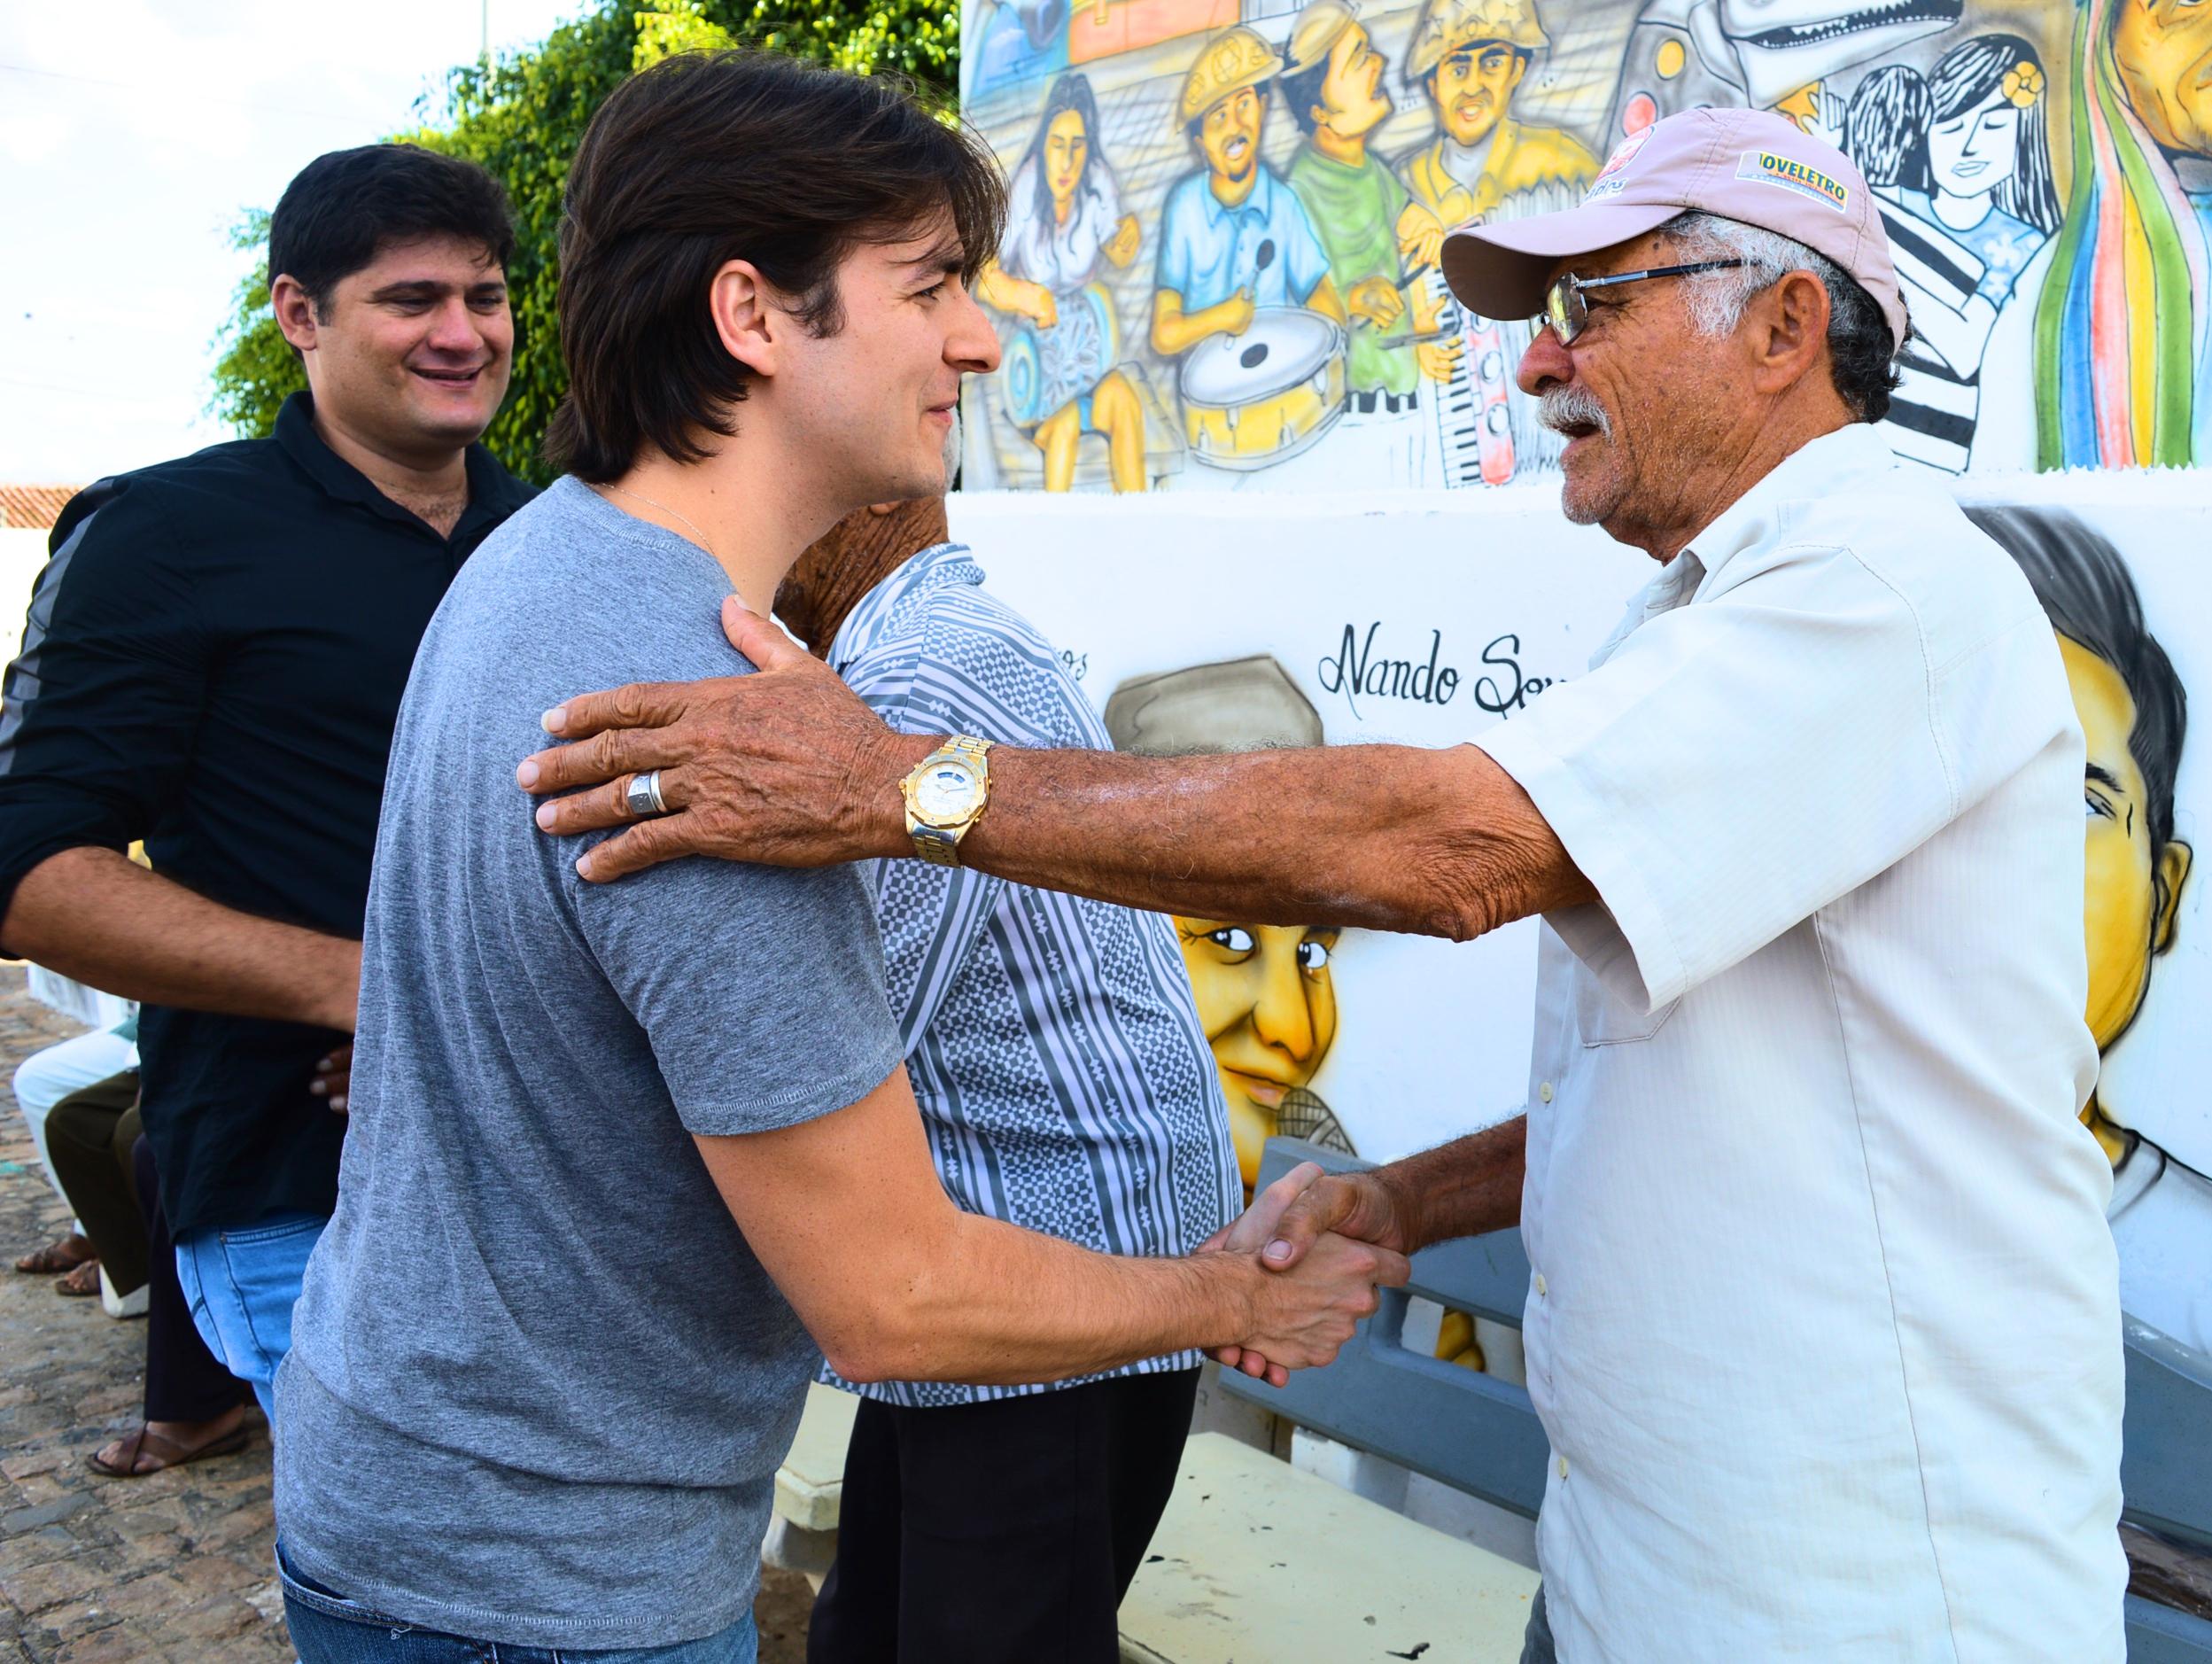 DSC_0250_Fotor-1024x770 Deputado Pedro Cunha é recebido com festa pelo prefeito Dalyson Neves e carinho do povo